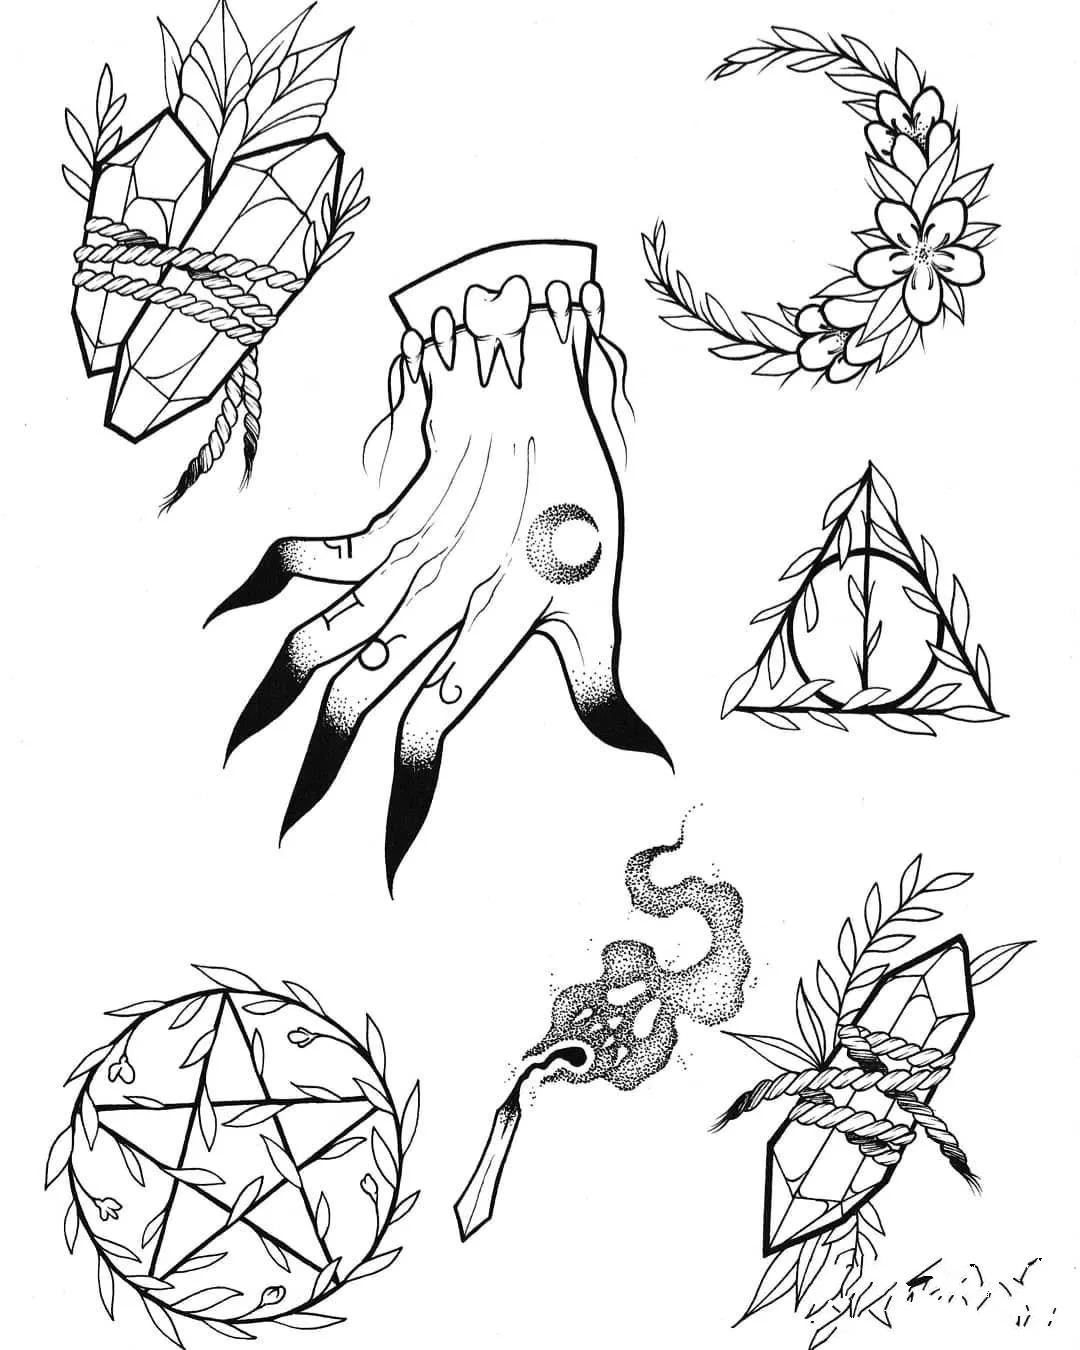 火柴纹身,火柴纹身手稿,火柴纹身手稿图案